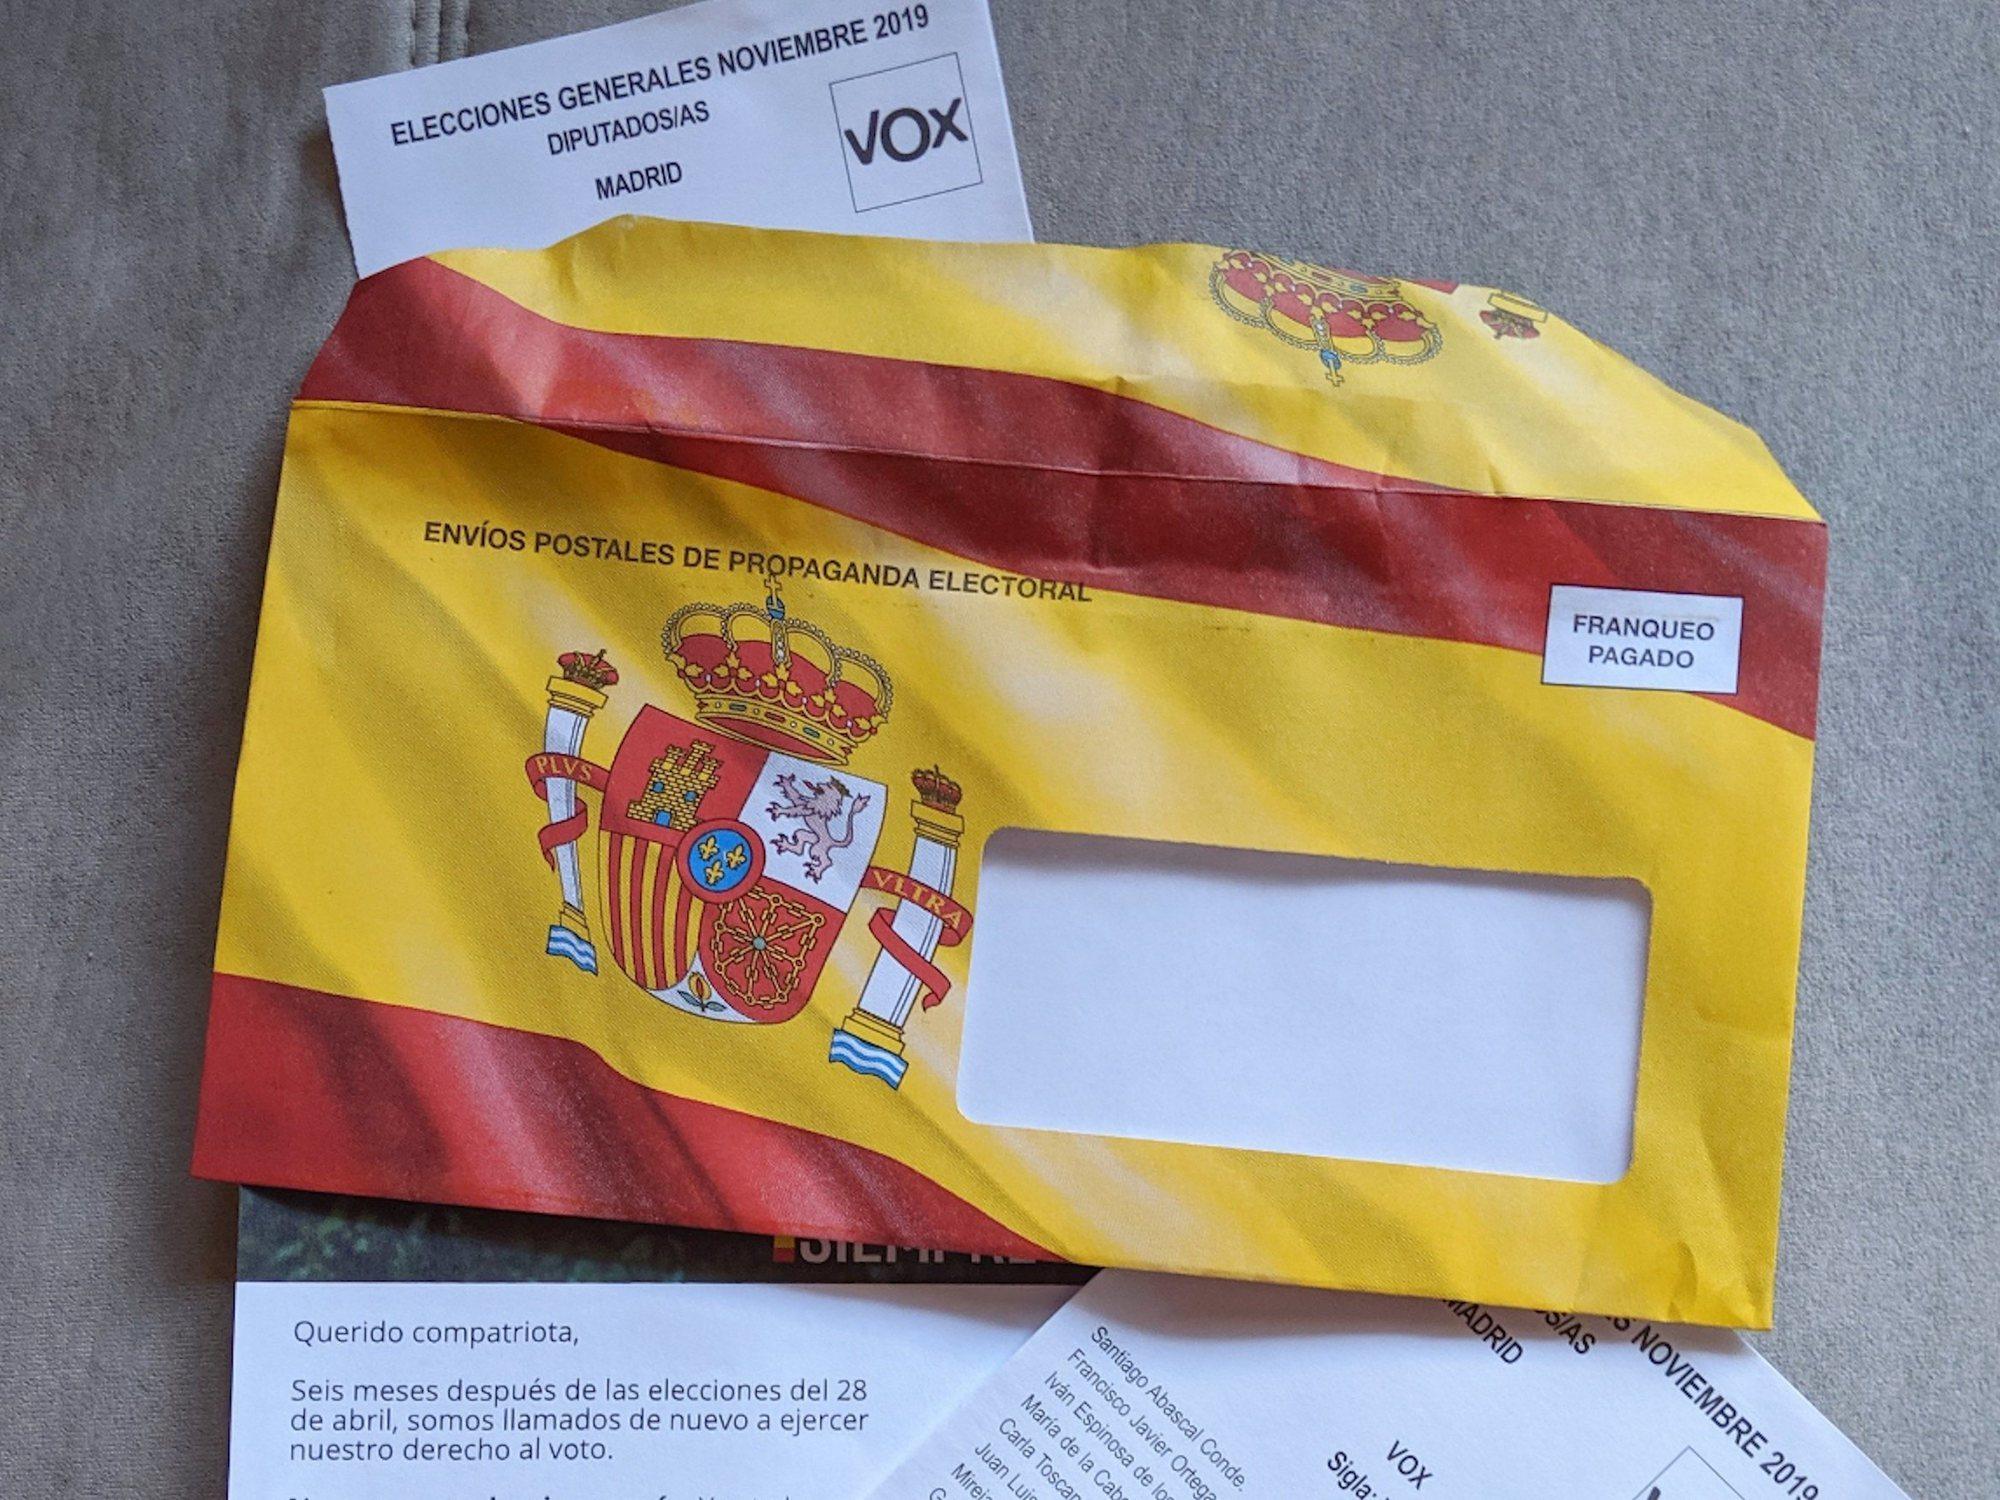 VOX introduce cartas en buzones que se dieron de baja en el censo de propaganda electoral